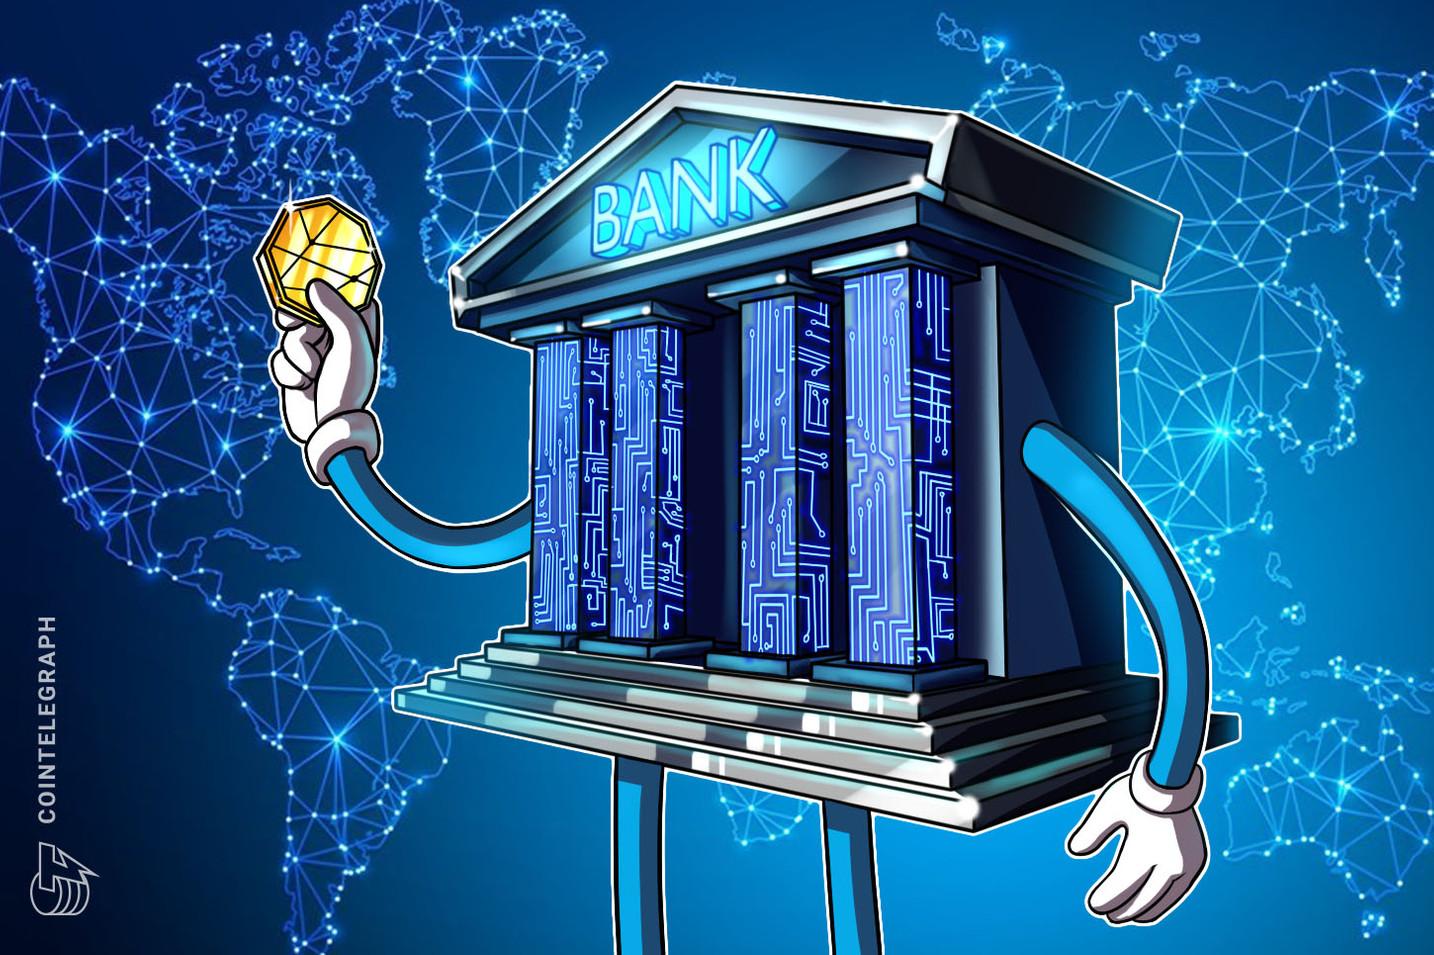 Bancos centrais não possuem interesses em moeda digital para os consumidores, diz executivo da Visa